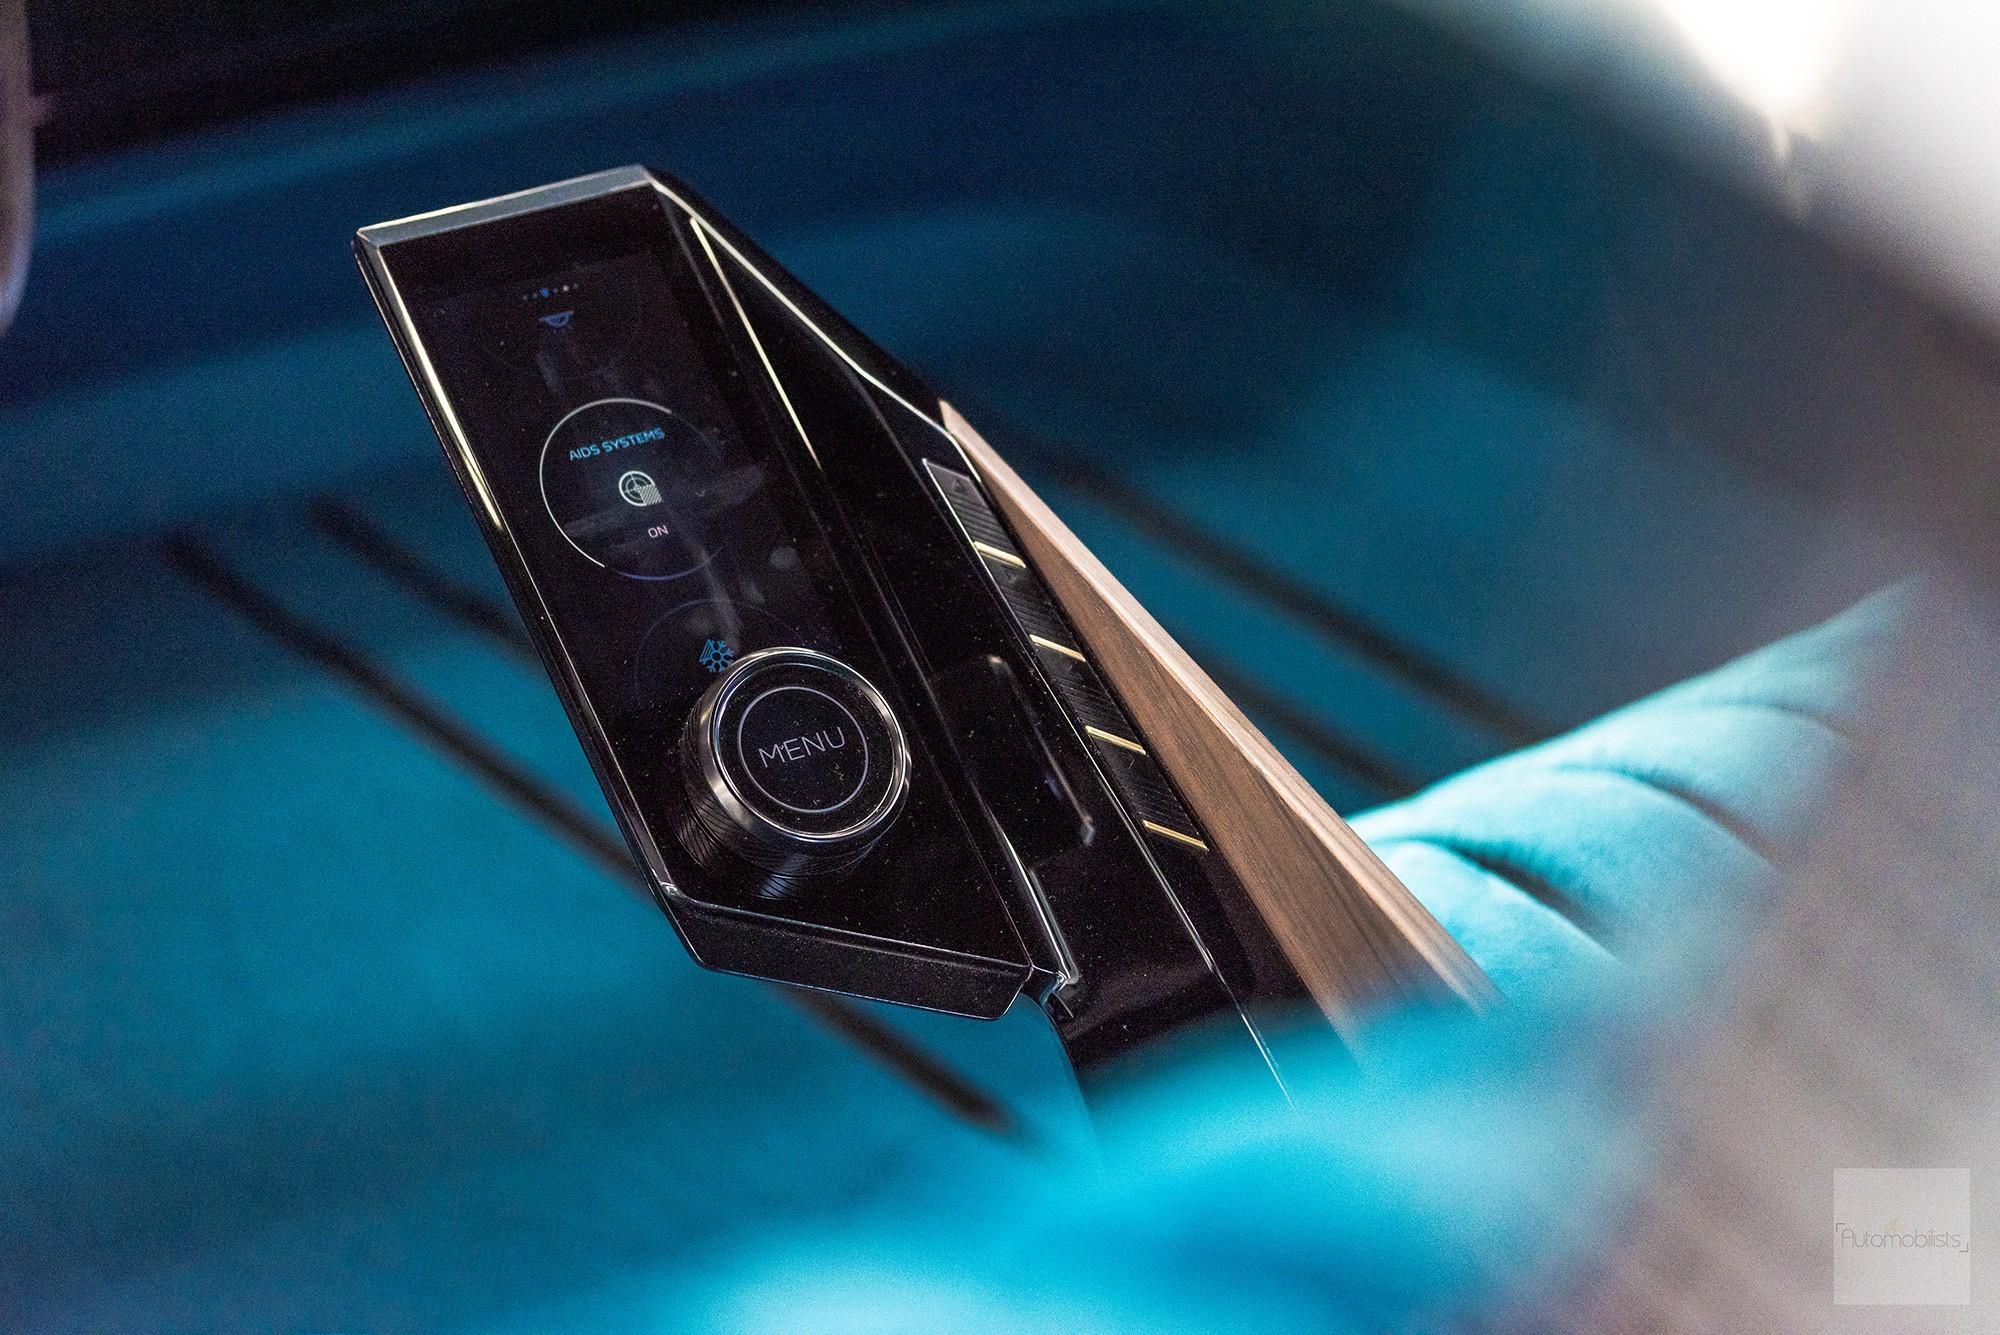 Peugeot P18 Paris Motor Show 2018 E Legend Concept Car detail accoudoir